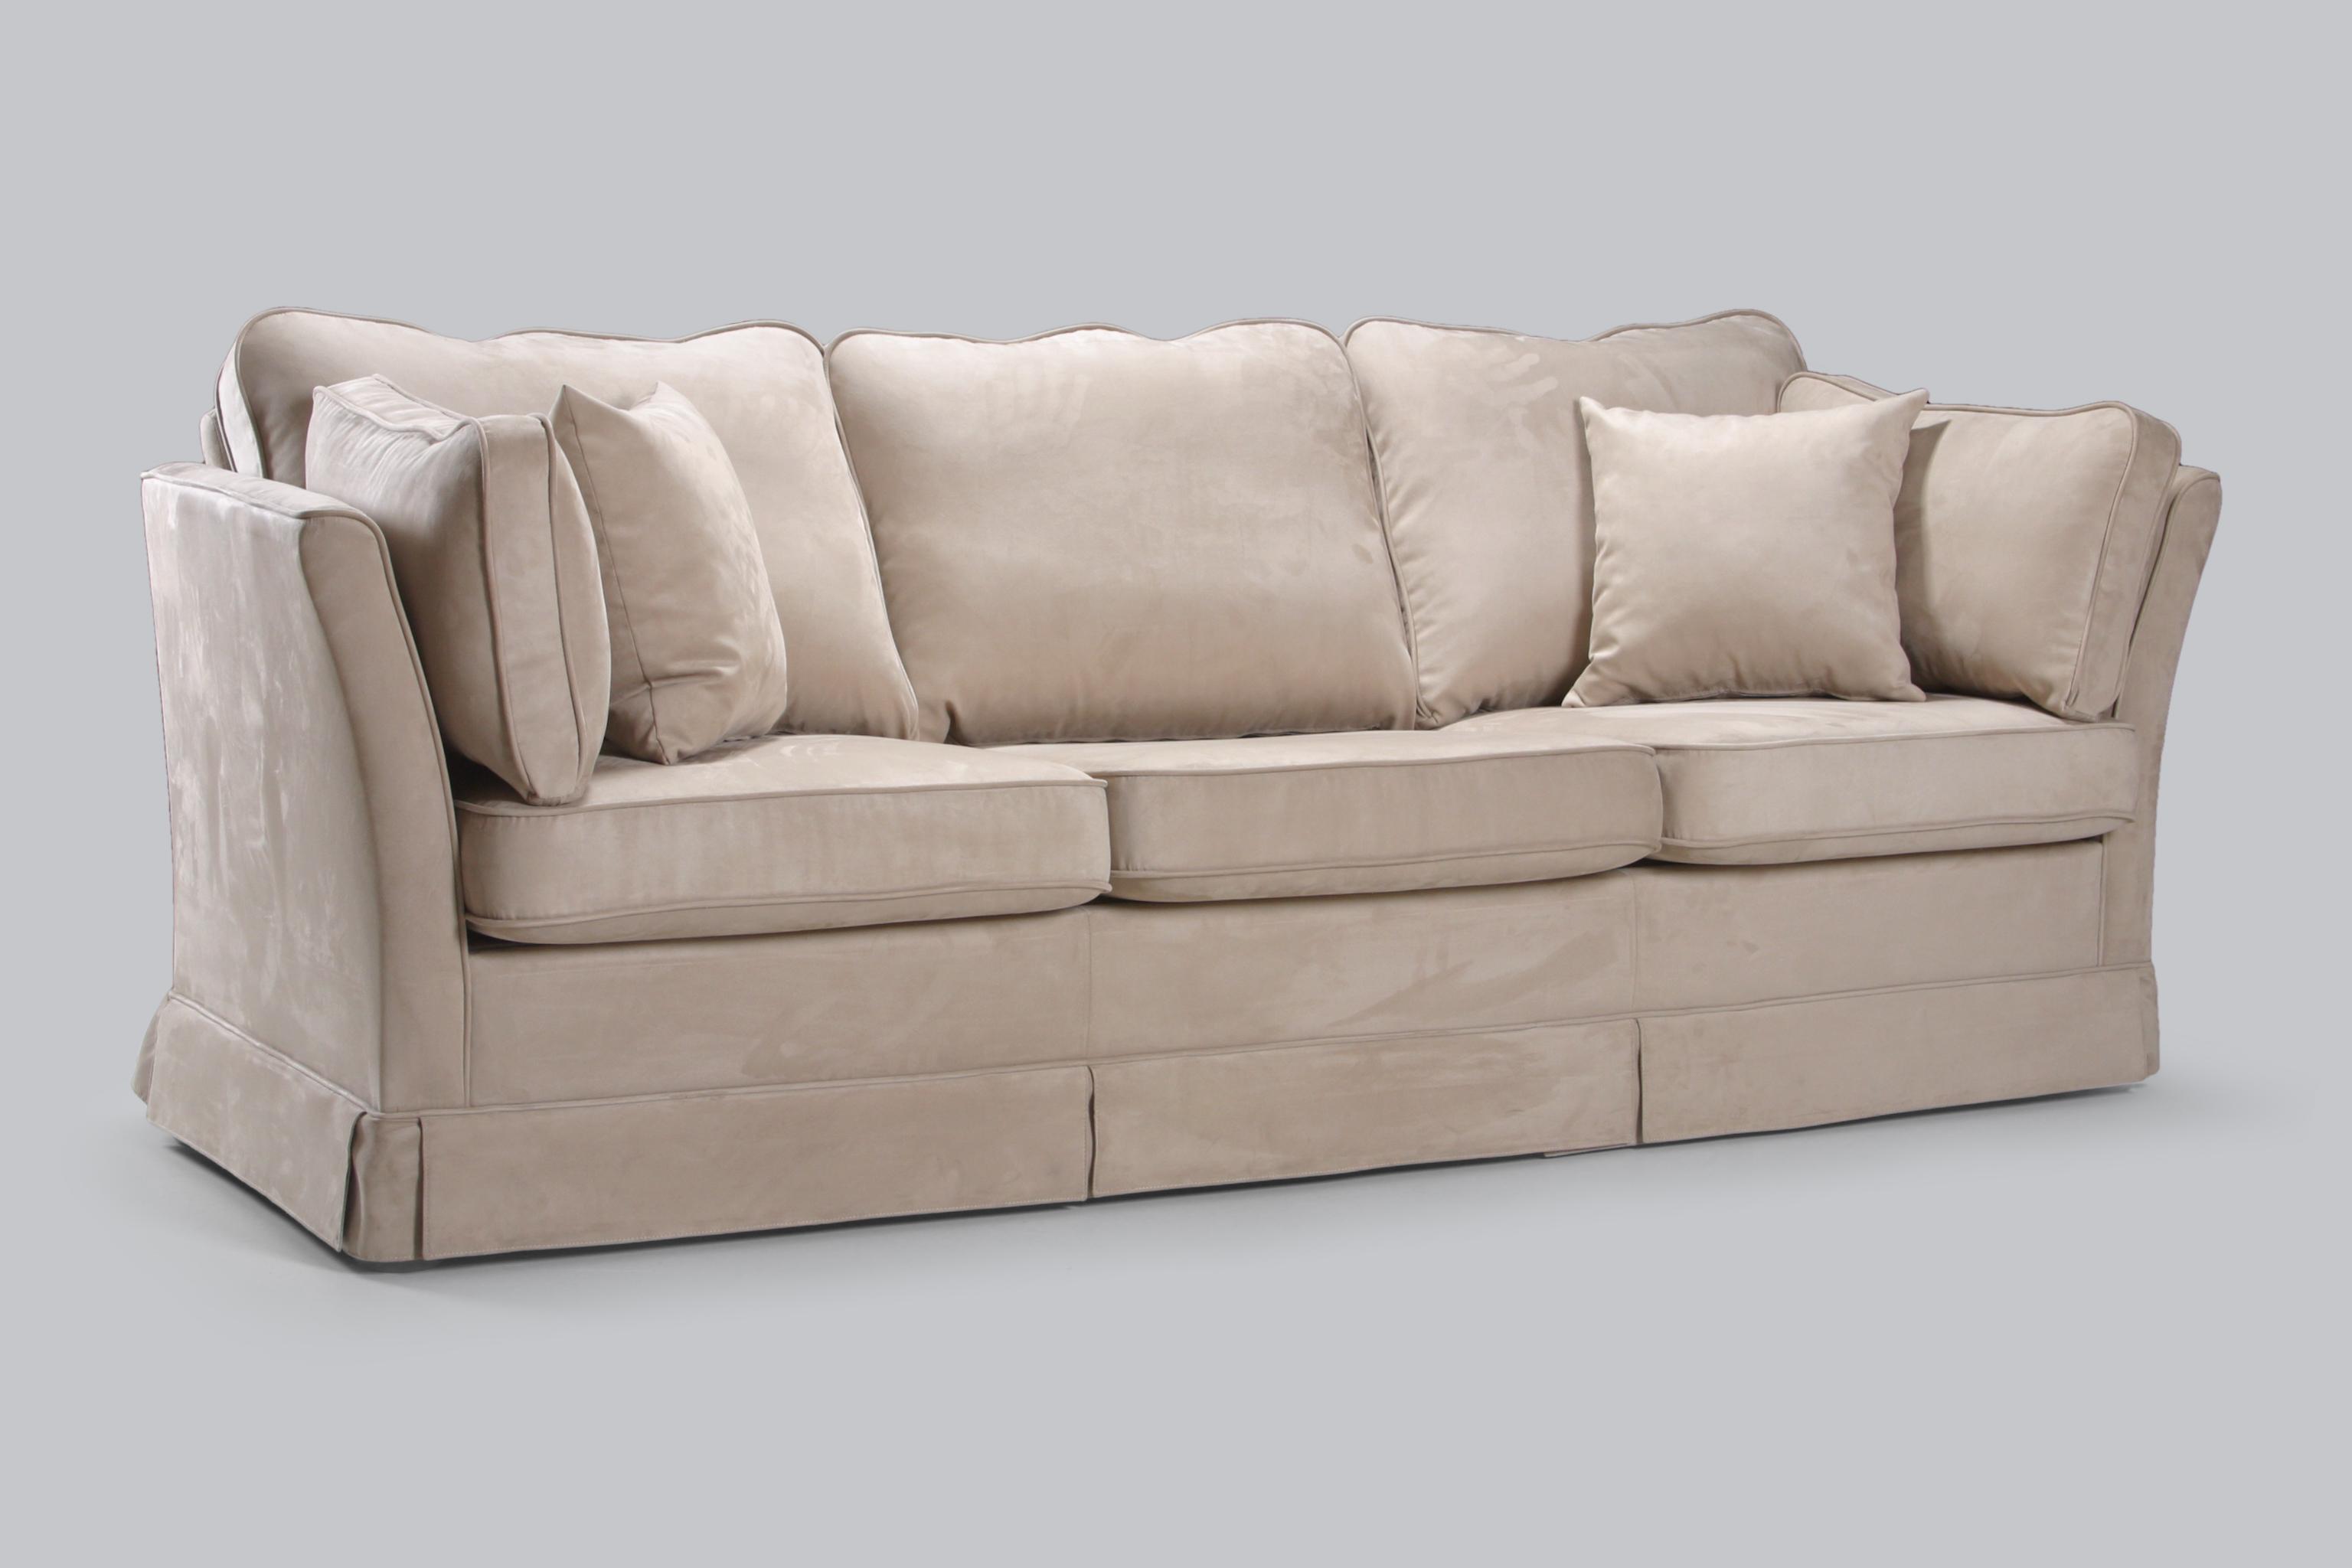 Canapea fixa 3 locuri Izabella